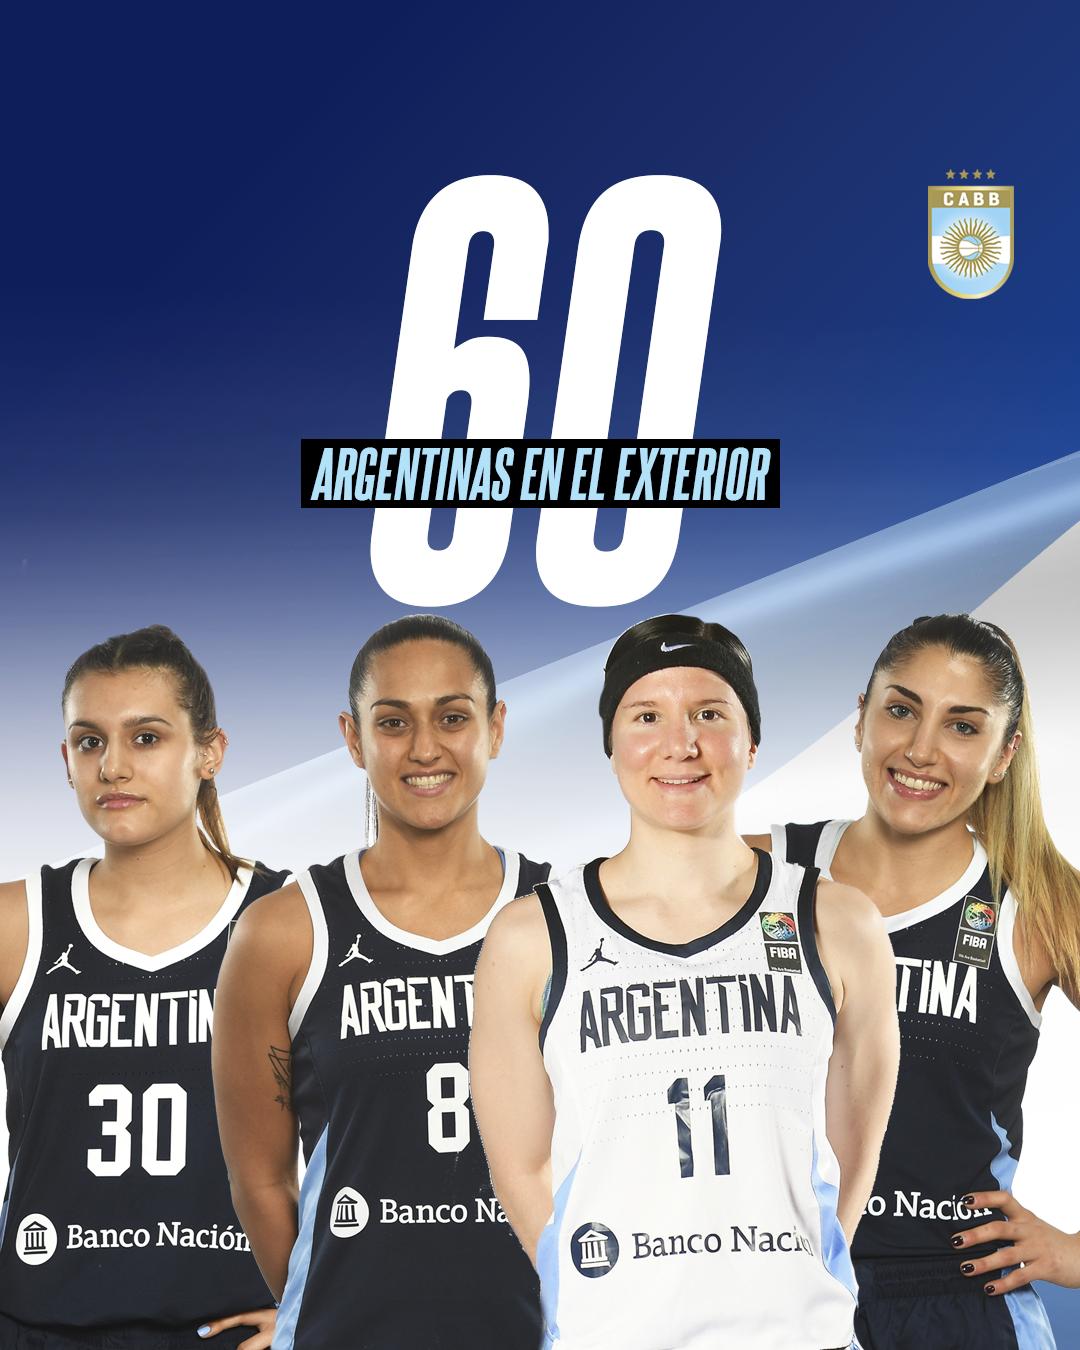 Femenino en crecimiento: una temporada con 60 jugadoras en el exterior